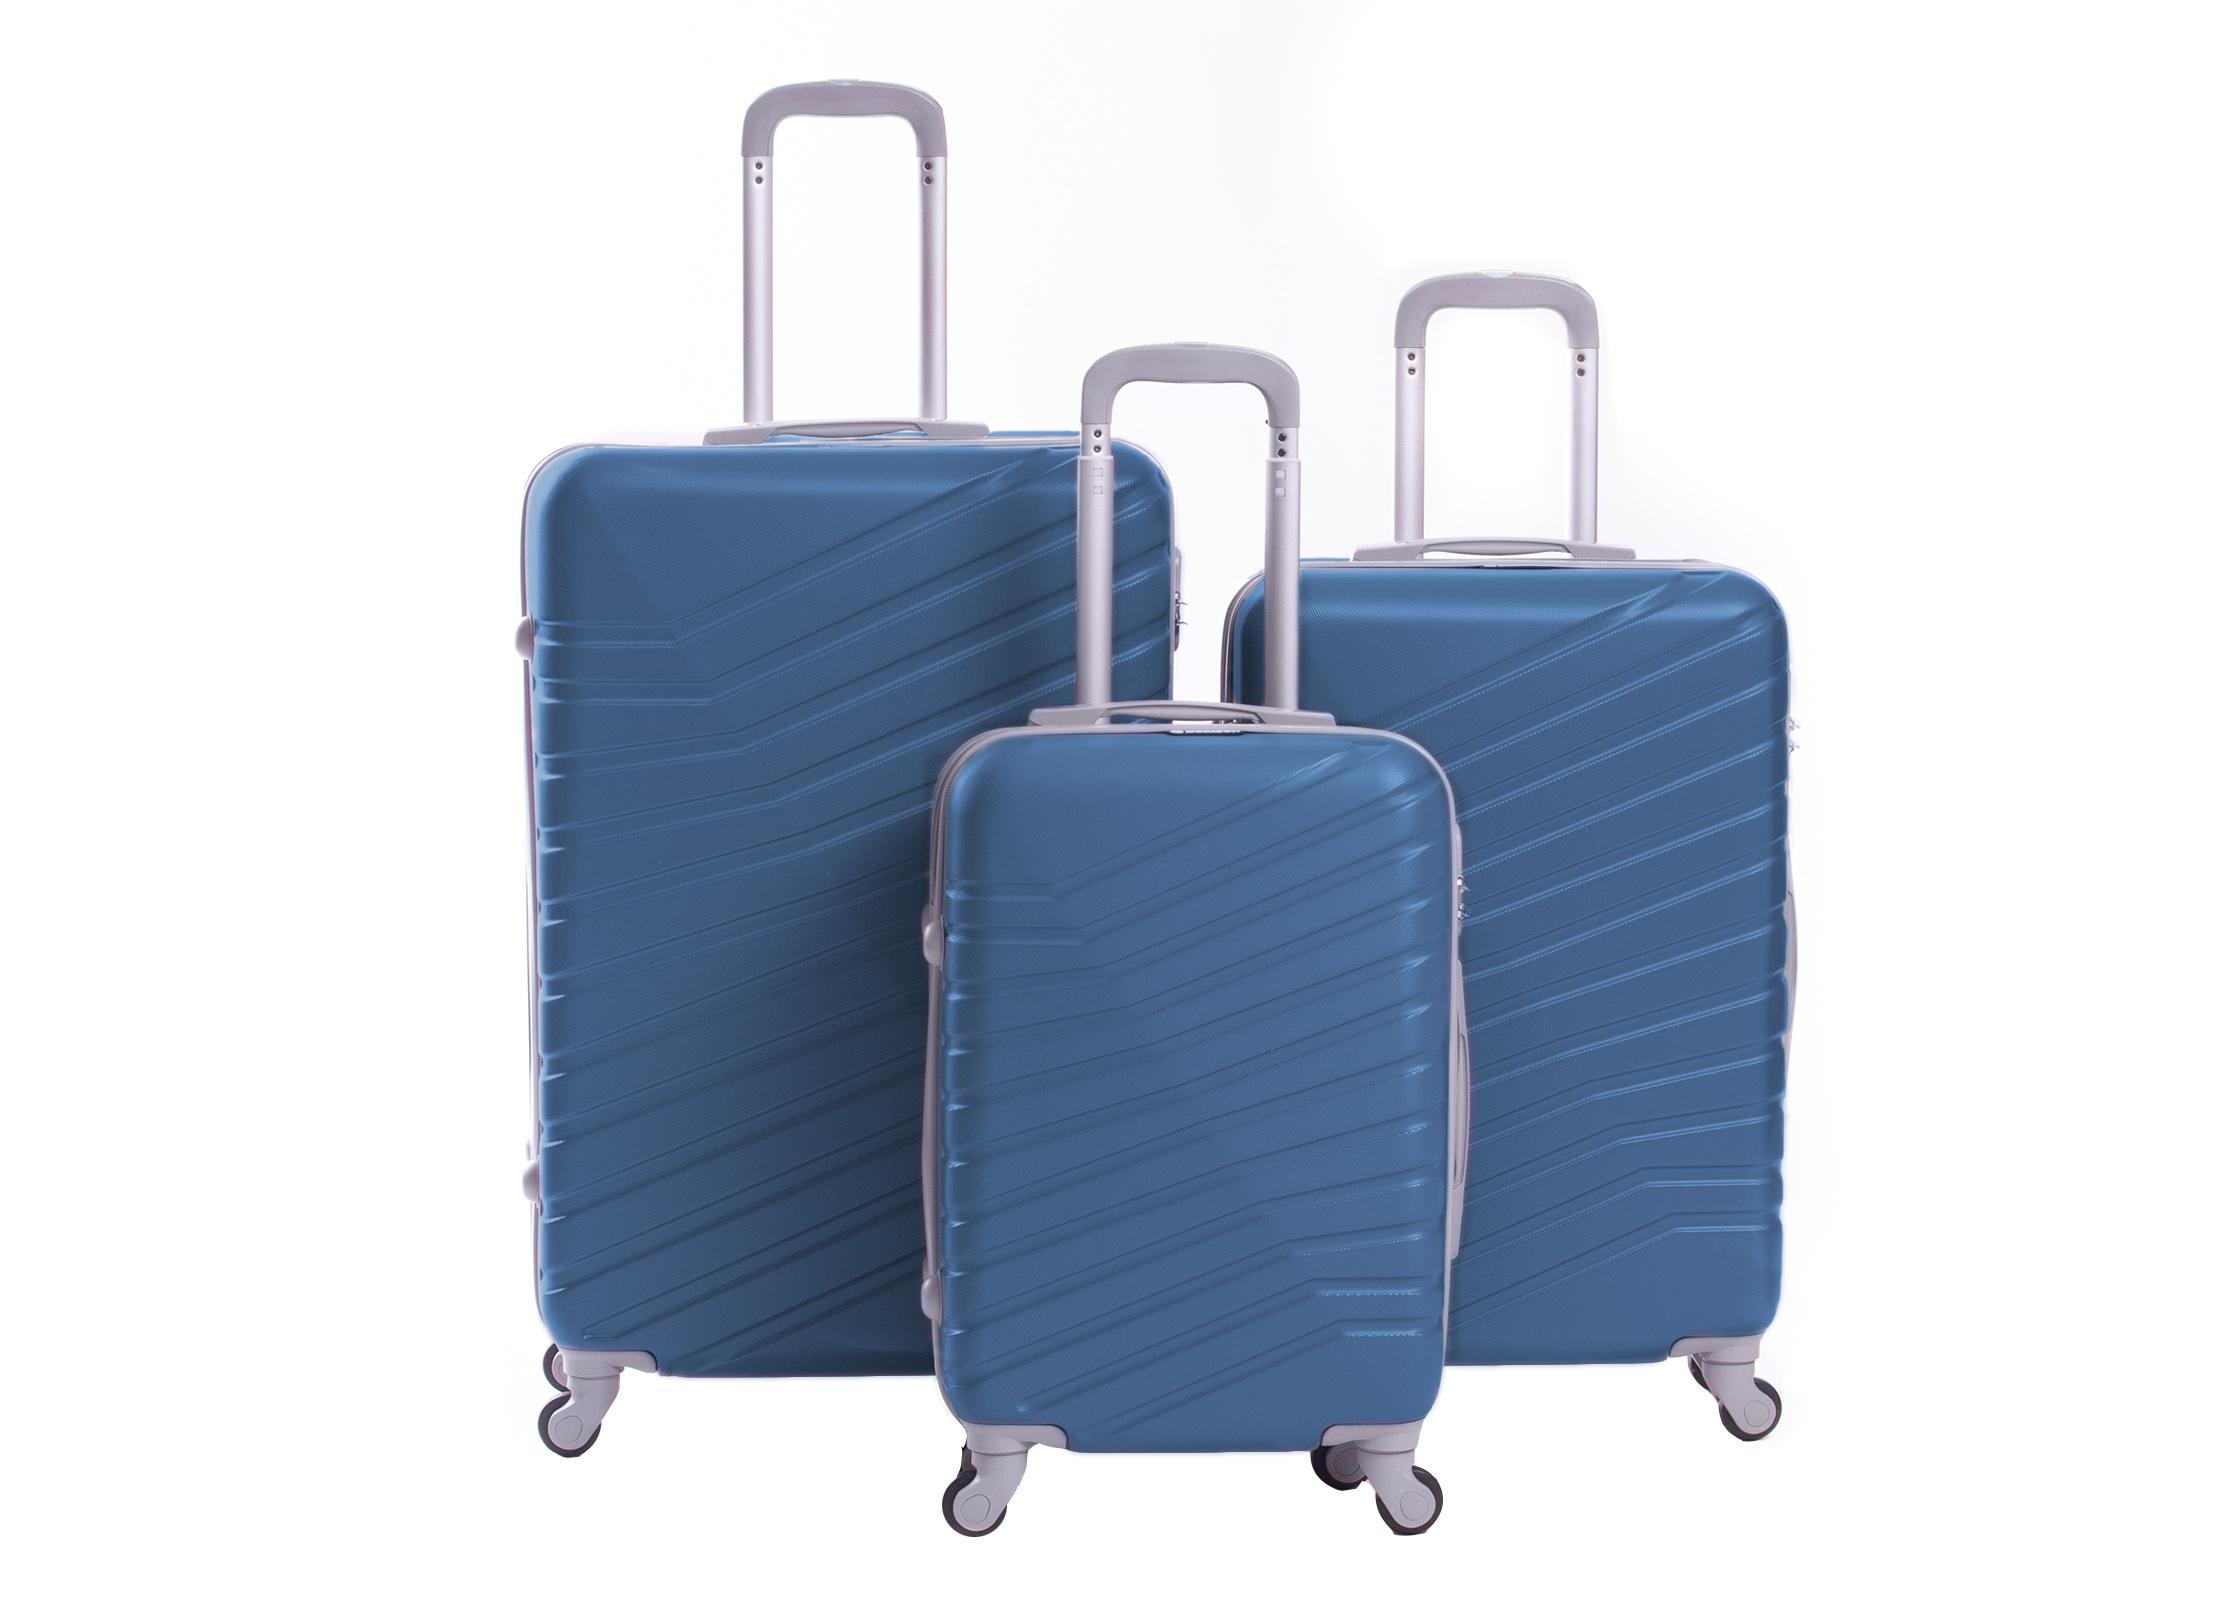 OFFRE A SAISIR 99€ LE SET DE 3 PIECES - Ce magnifique set de valises de la célèbre marque Colombus Design est en promotion jusqu'à la fin du mois et en exclusivité sur notre site. Disponible en 4 coloris.